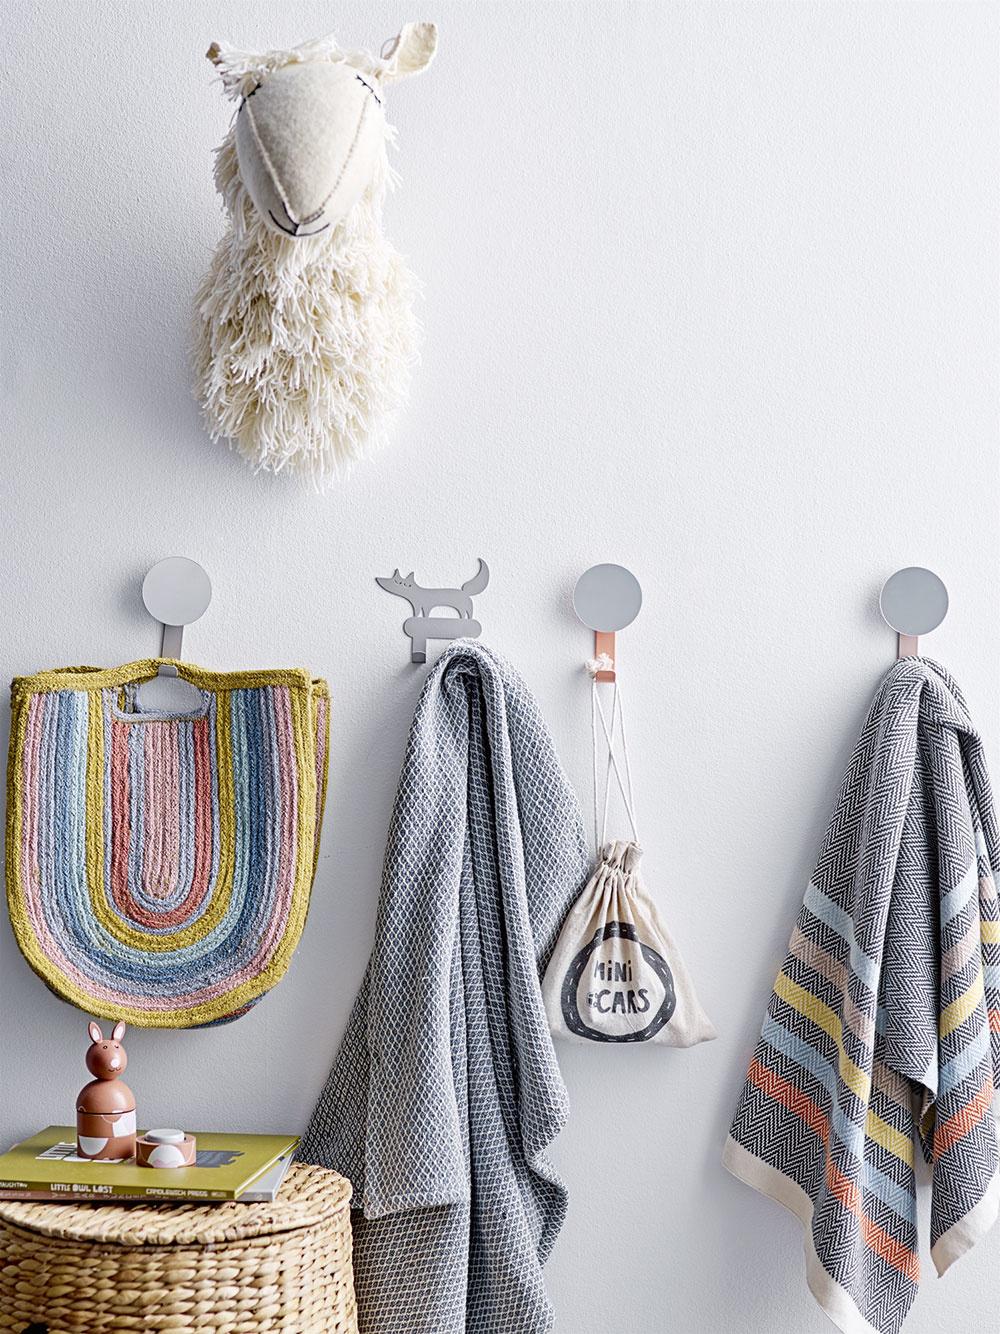 VESELÉ DETAILY, napríklad odlíšené háčiky na uteráky, vám pomôžu udržať vkúpeľni organizáciu. Kto povedal, že kúpeľňa musí byť nudná asterilná? Pokojne pri výbere dekorácií myslite netradične.